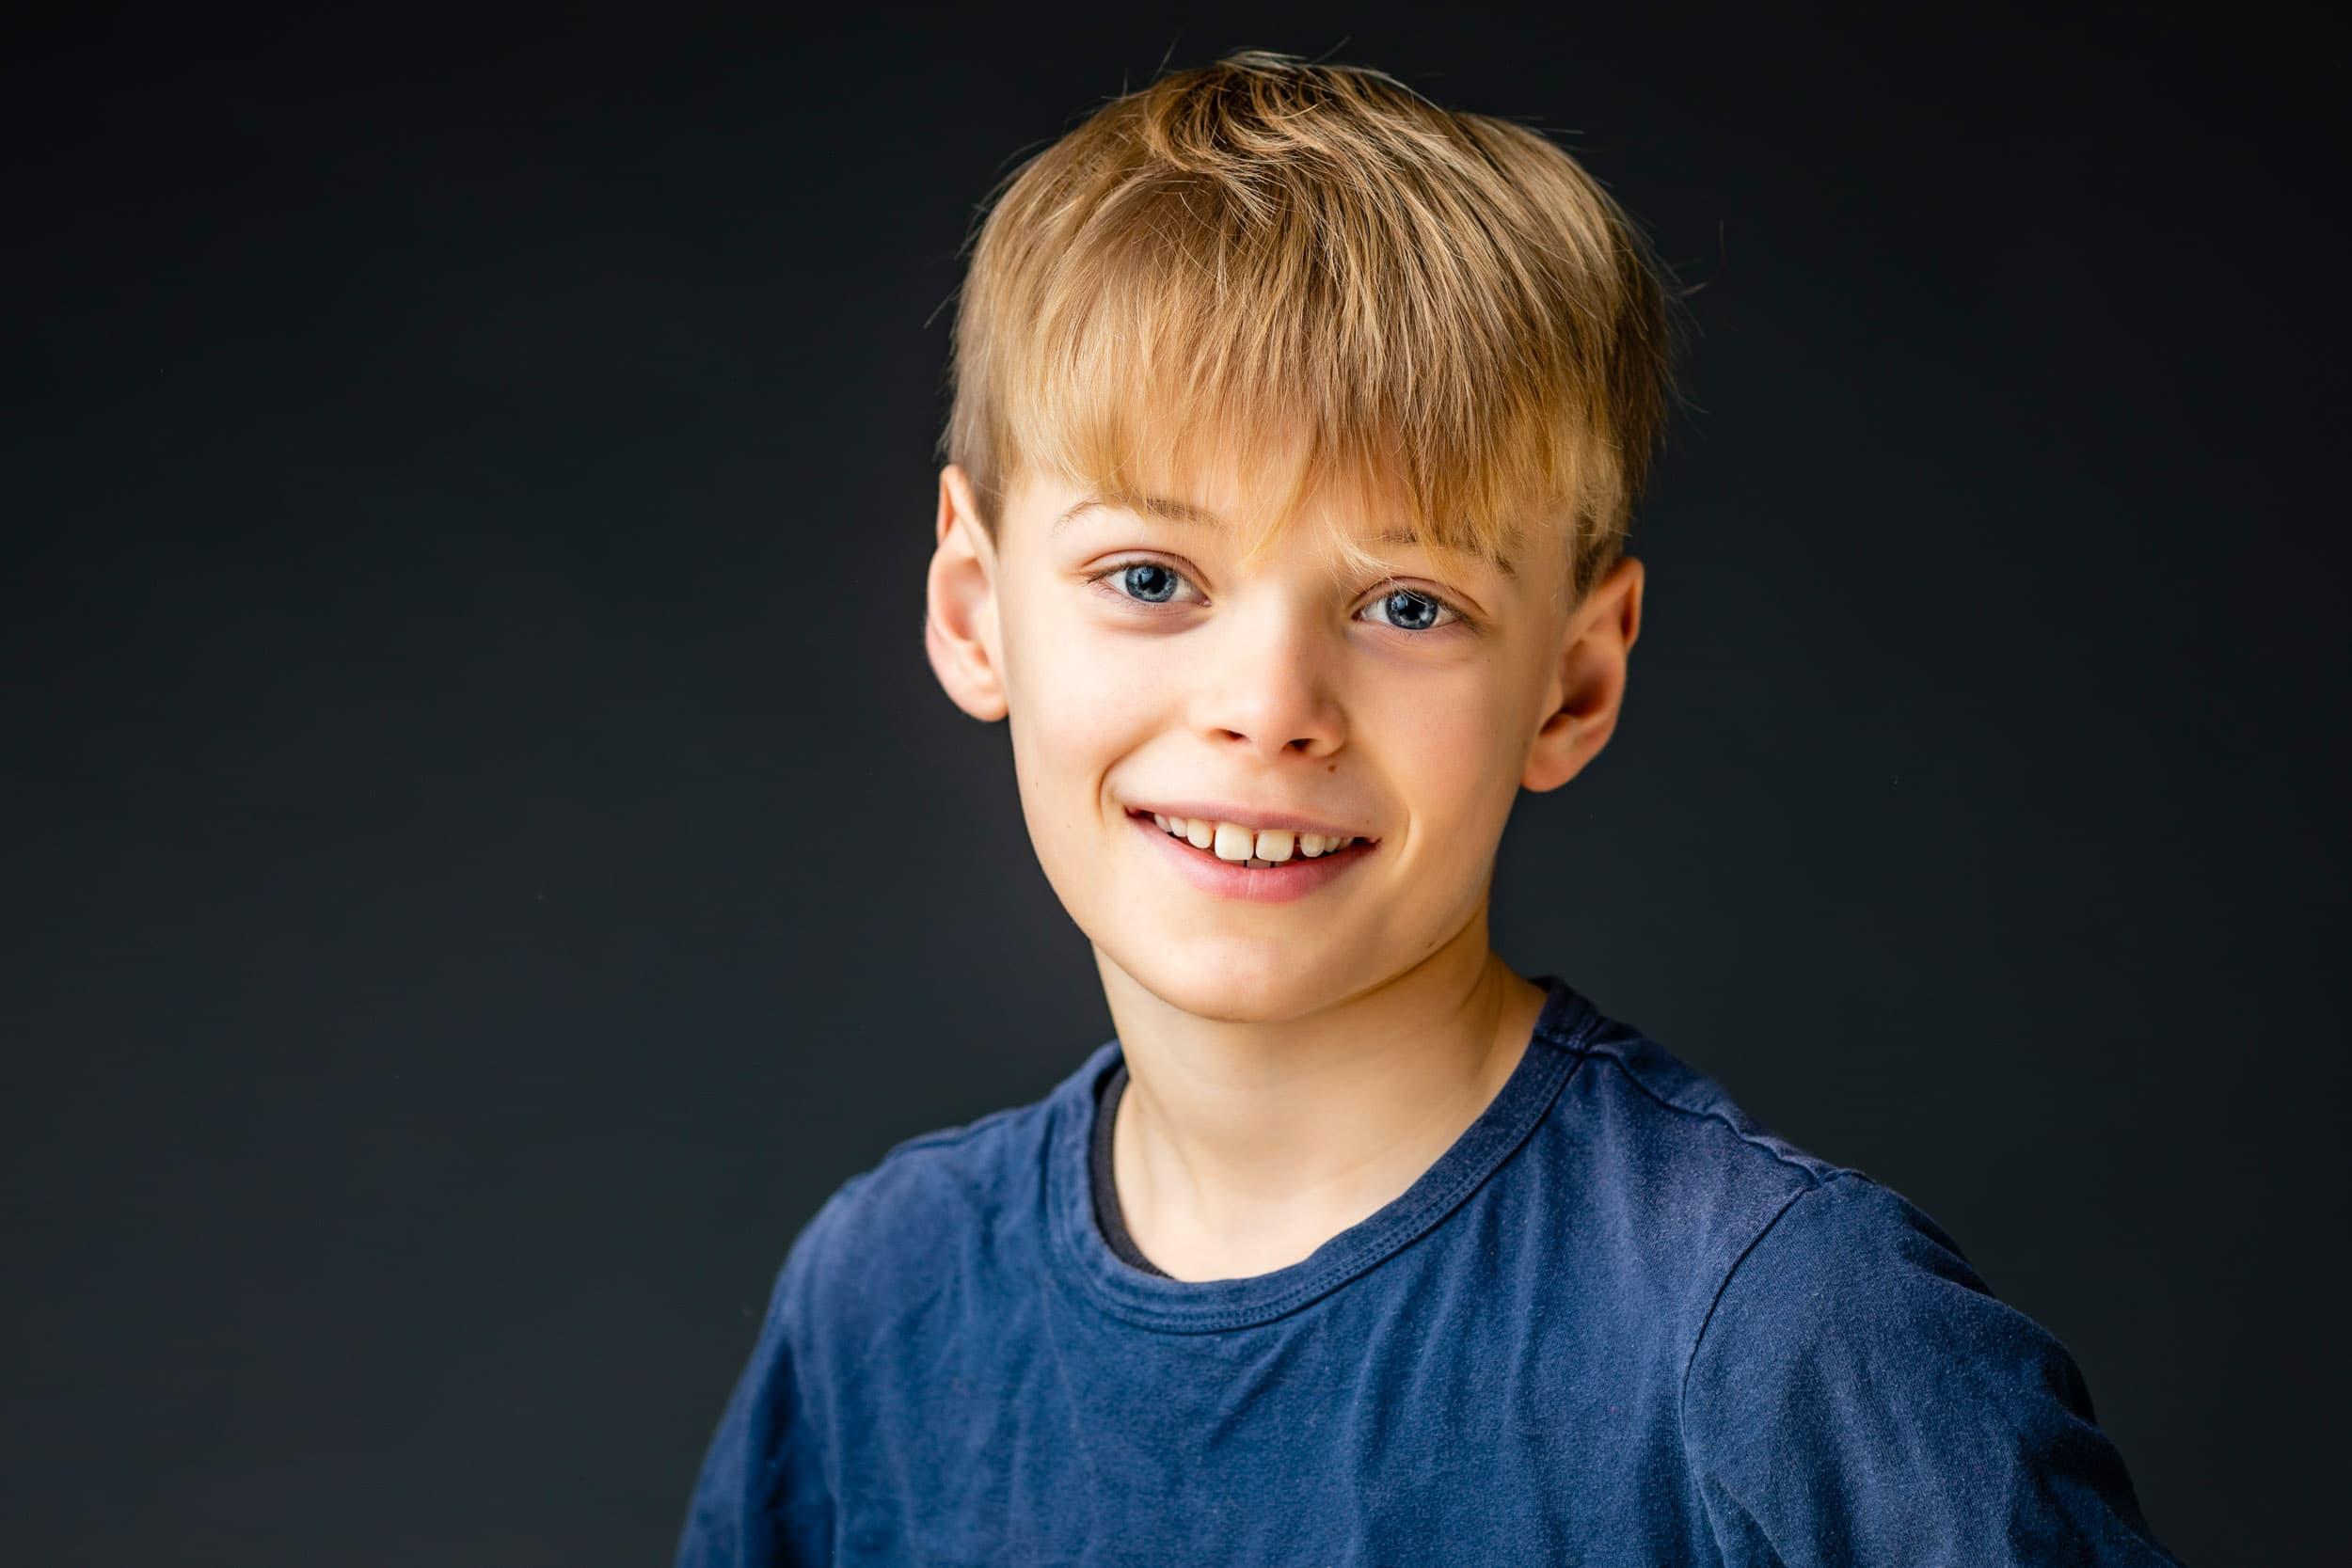 Find fotografen til børn – del 3